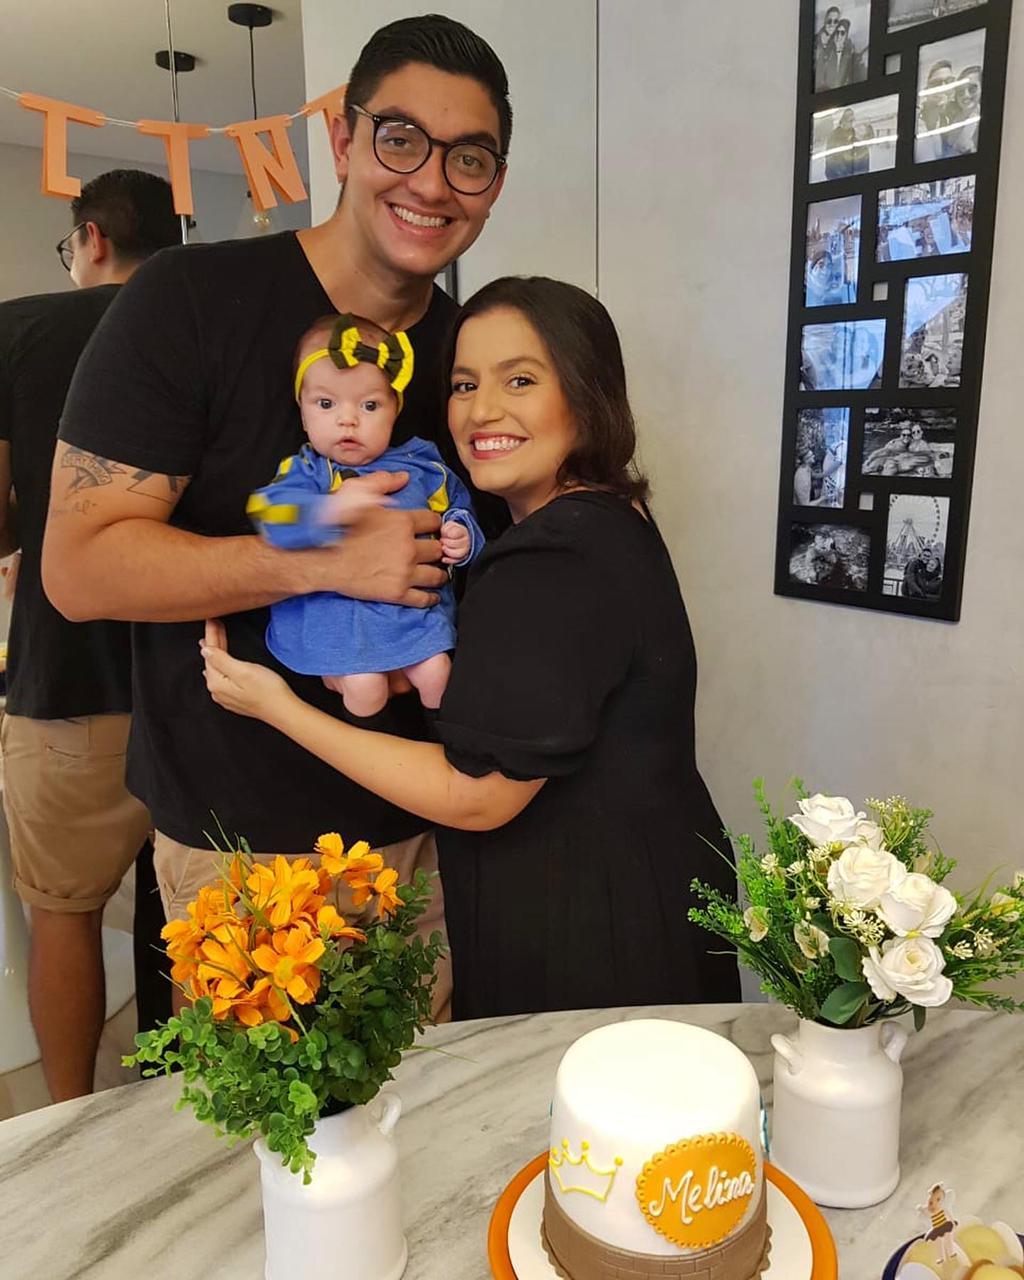 Bebê cearense ganha mêsversário inspirado no BBB às vésperas da final do reality